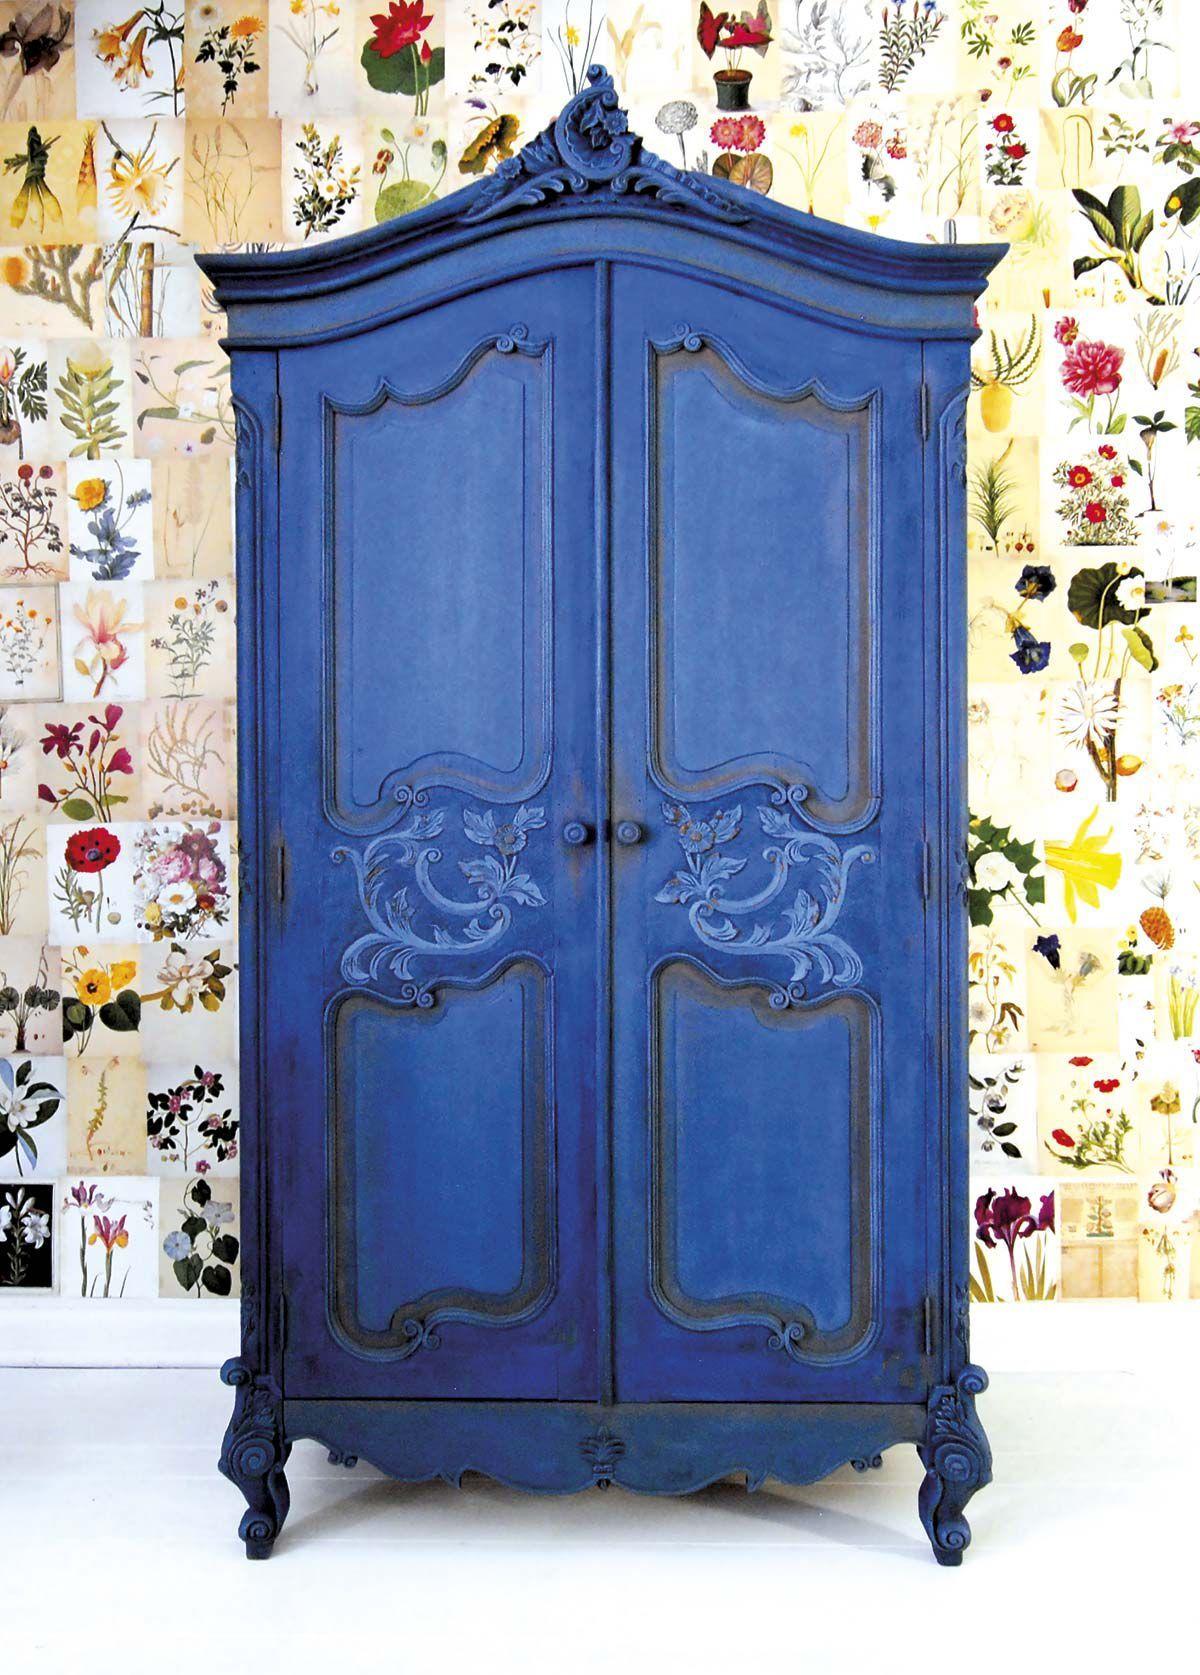 C mo restaurar un viejo armario muebles viejos pintados - Pintar muebles viejos ...